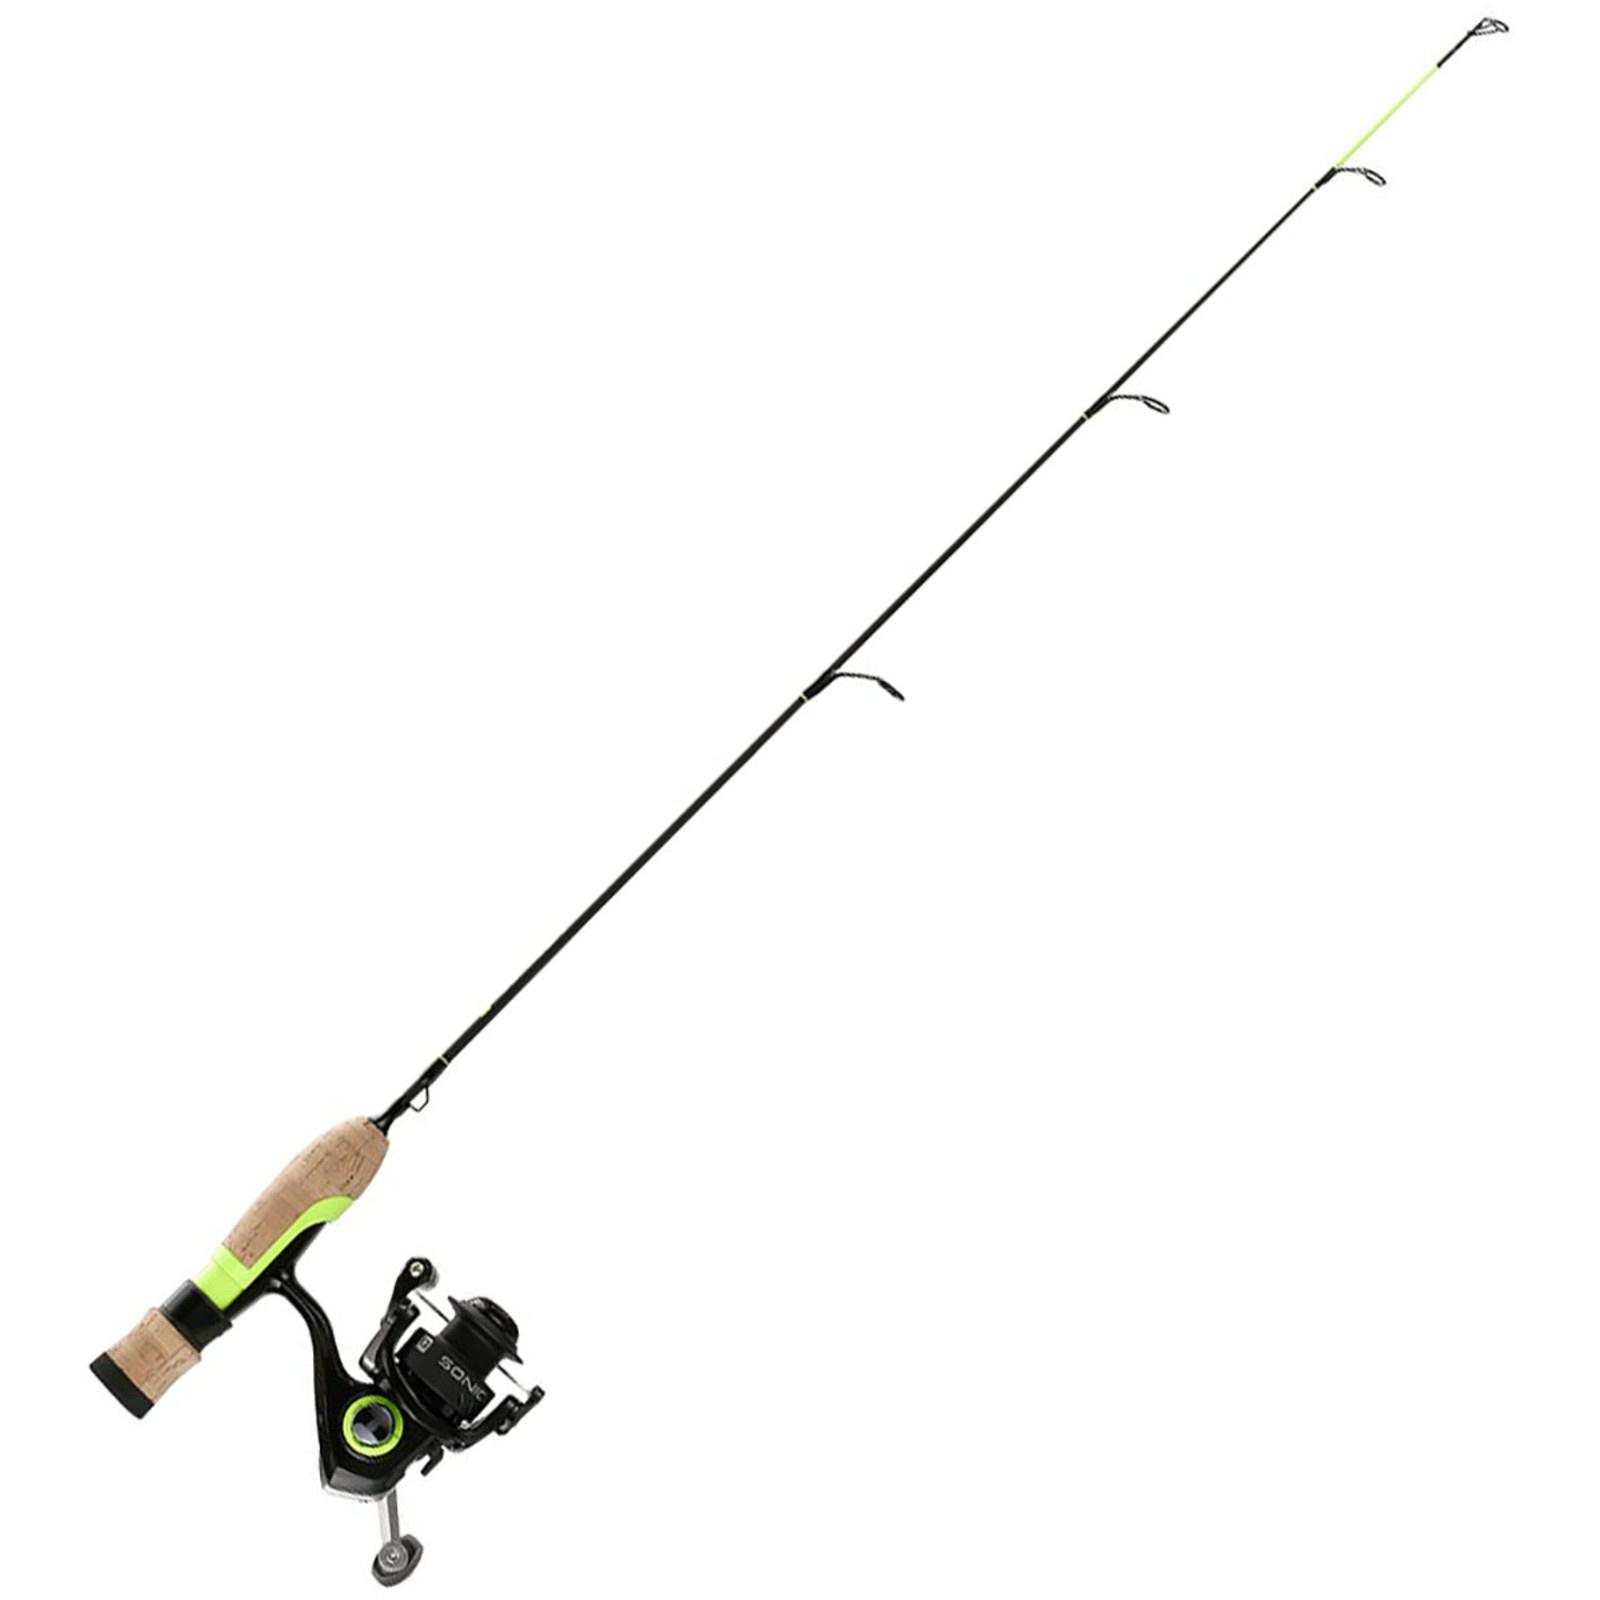 13 Fishing 13 fishing Sonicor Ice Combo